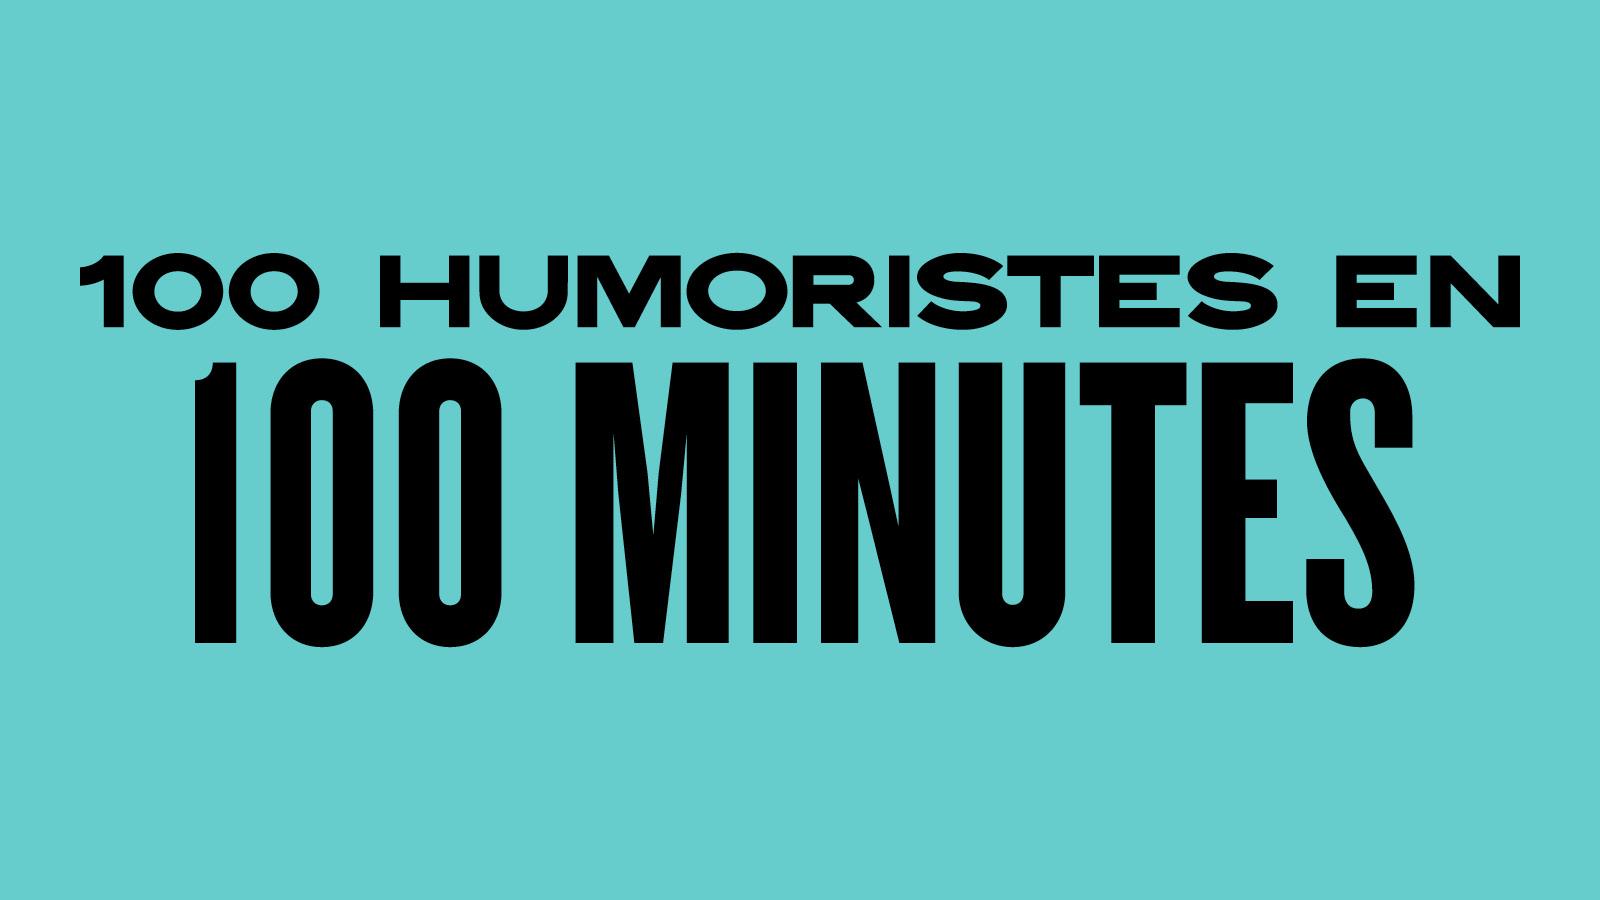 100 humoristes en 100 minutes!